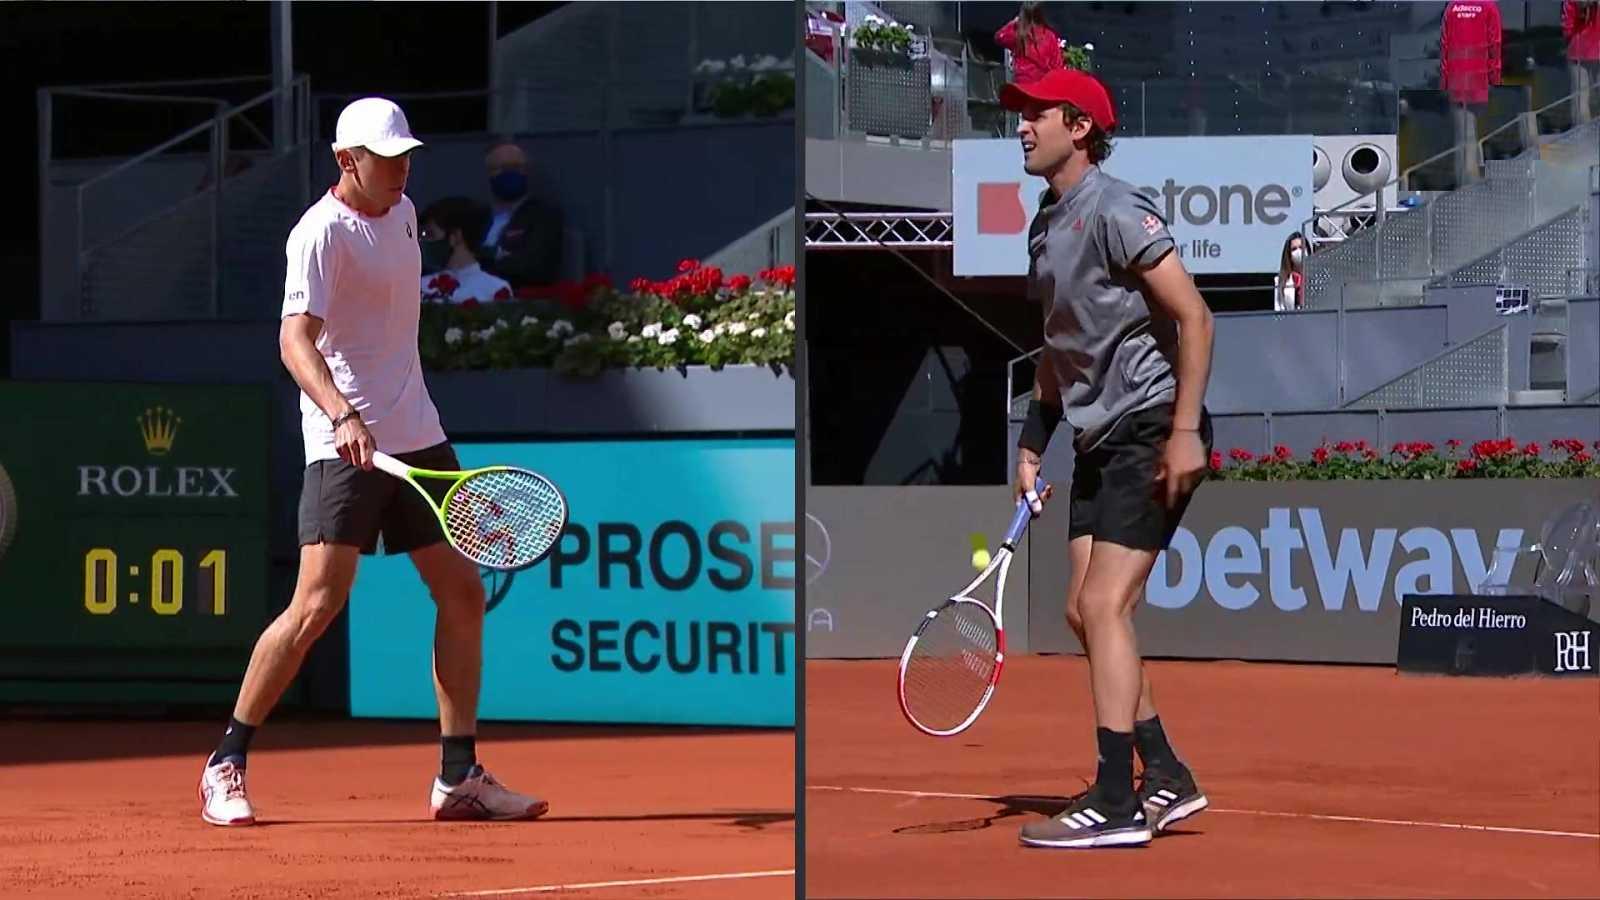 Tenis - ATP Mutua Madrid Open: Dominic Thiem - Alex de Minaur - ver ahora